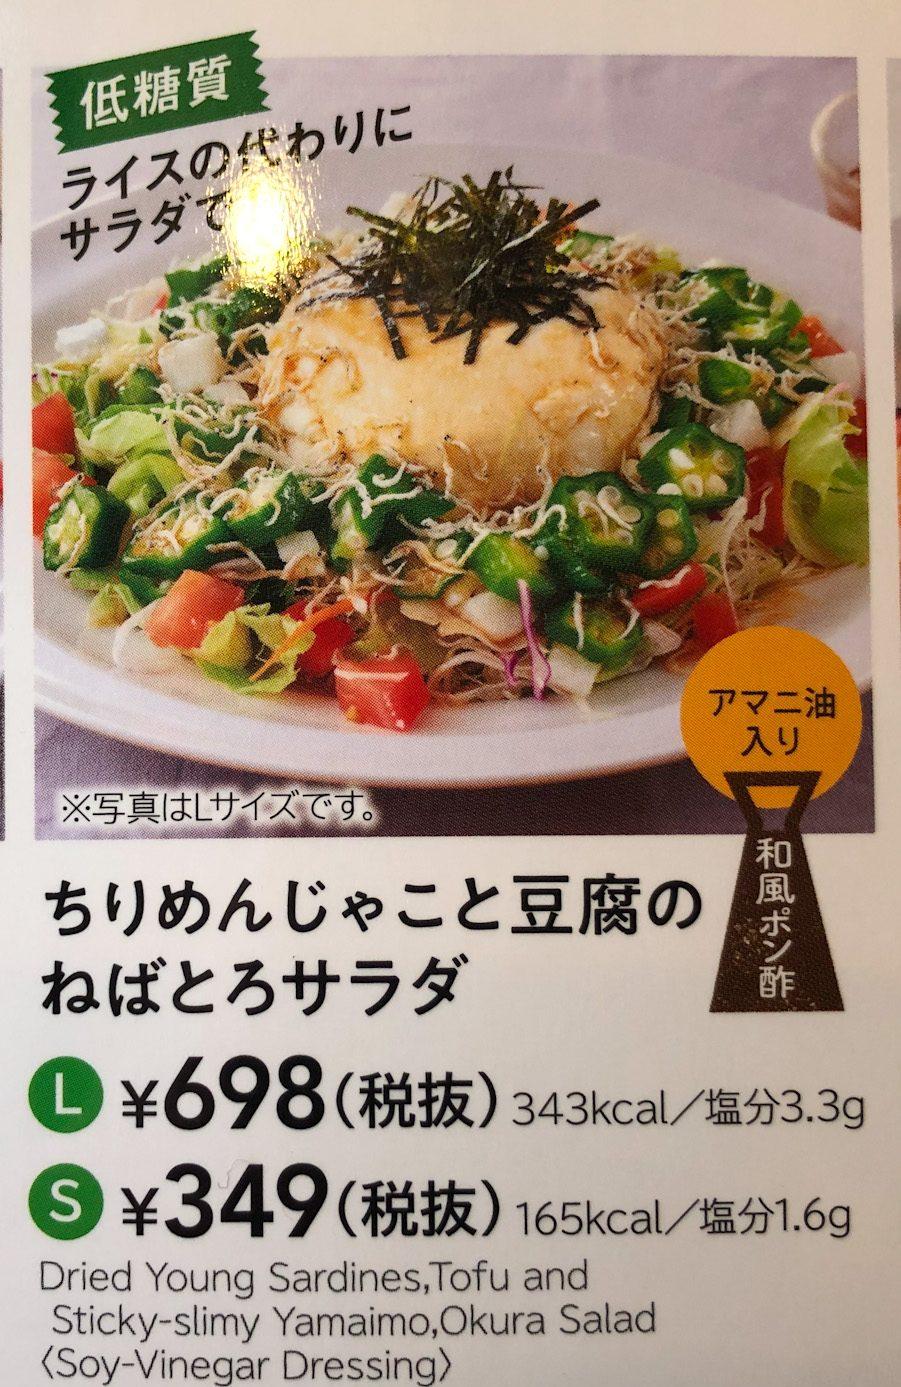 ちりめんじゃこと豆腐のねばとろサラダのメニュー